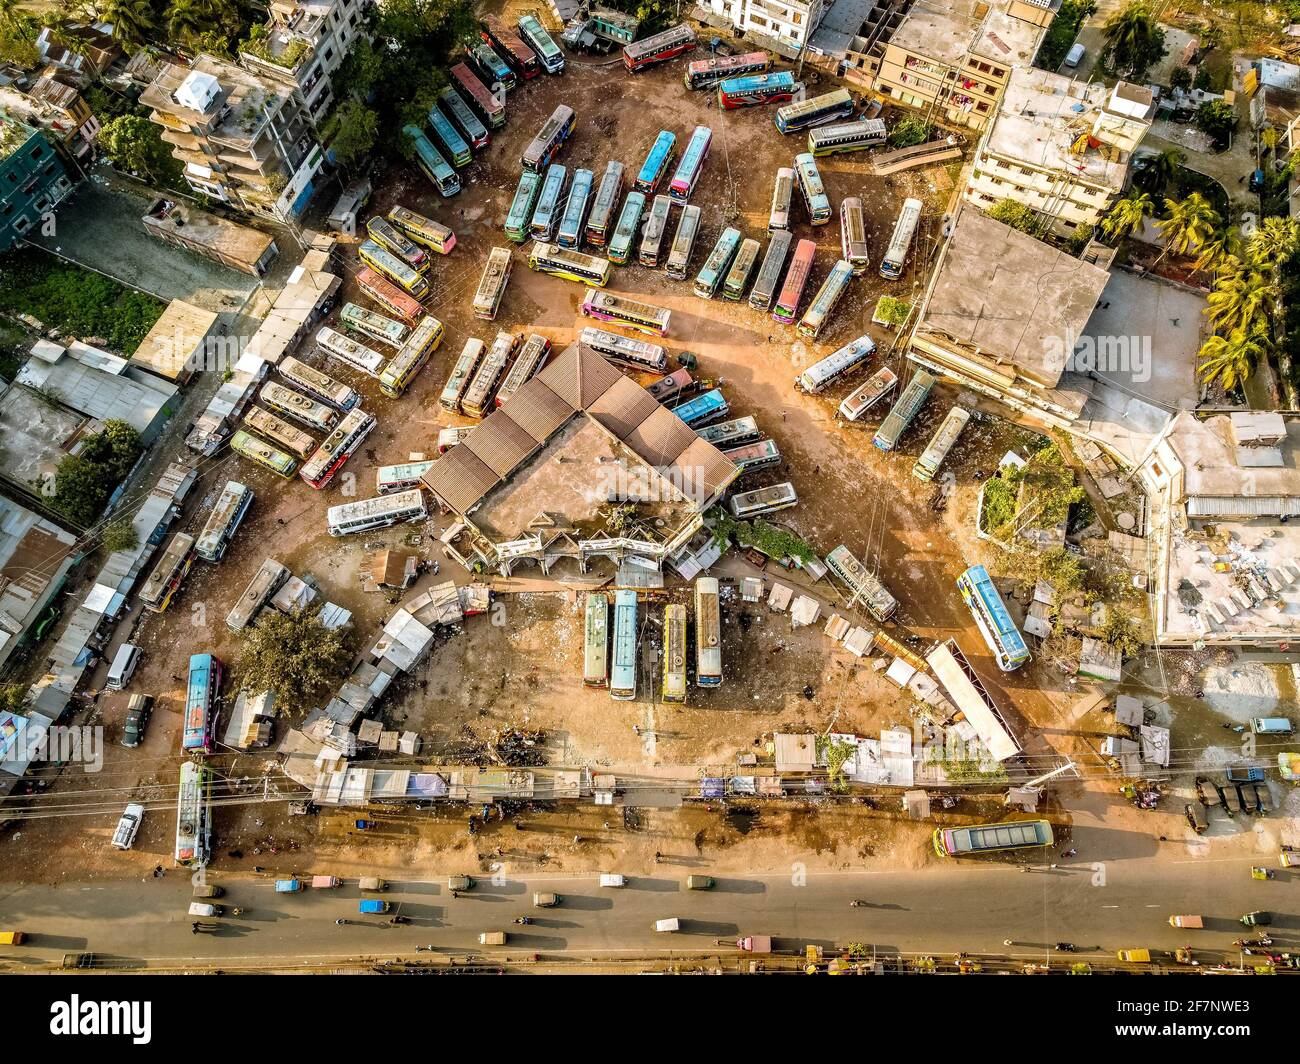 Barishal, Barishal, Bangladesh. 9 Apr 2021. Diversi autobus sono parcheggiati presso la stazione centrale degli autobus Barisal, uno dei più trafficate nella regione meridionale del paese, durante una settimana di chiusura nazionale Covid che ha avuto inizio il Lunedi Credit: Mustasinur Rahman Alvi/ZUMA Wire/Alamy Live News Foto Stock